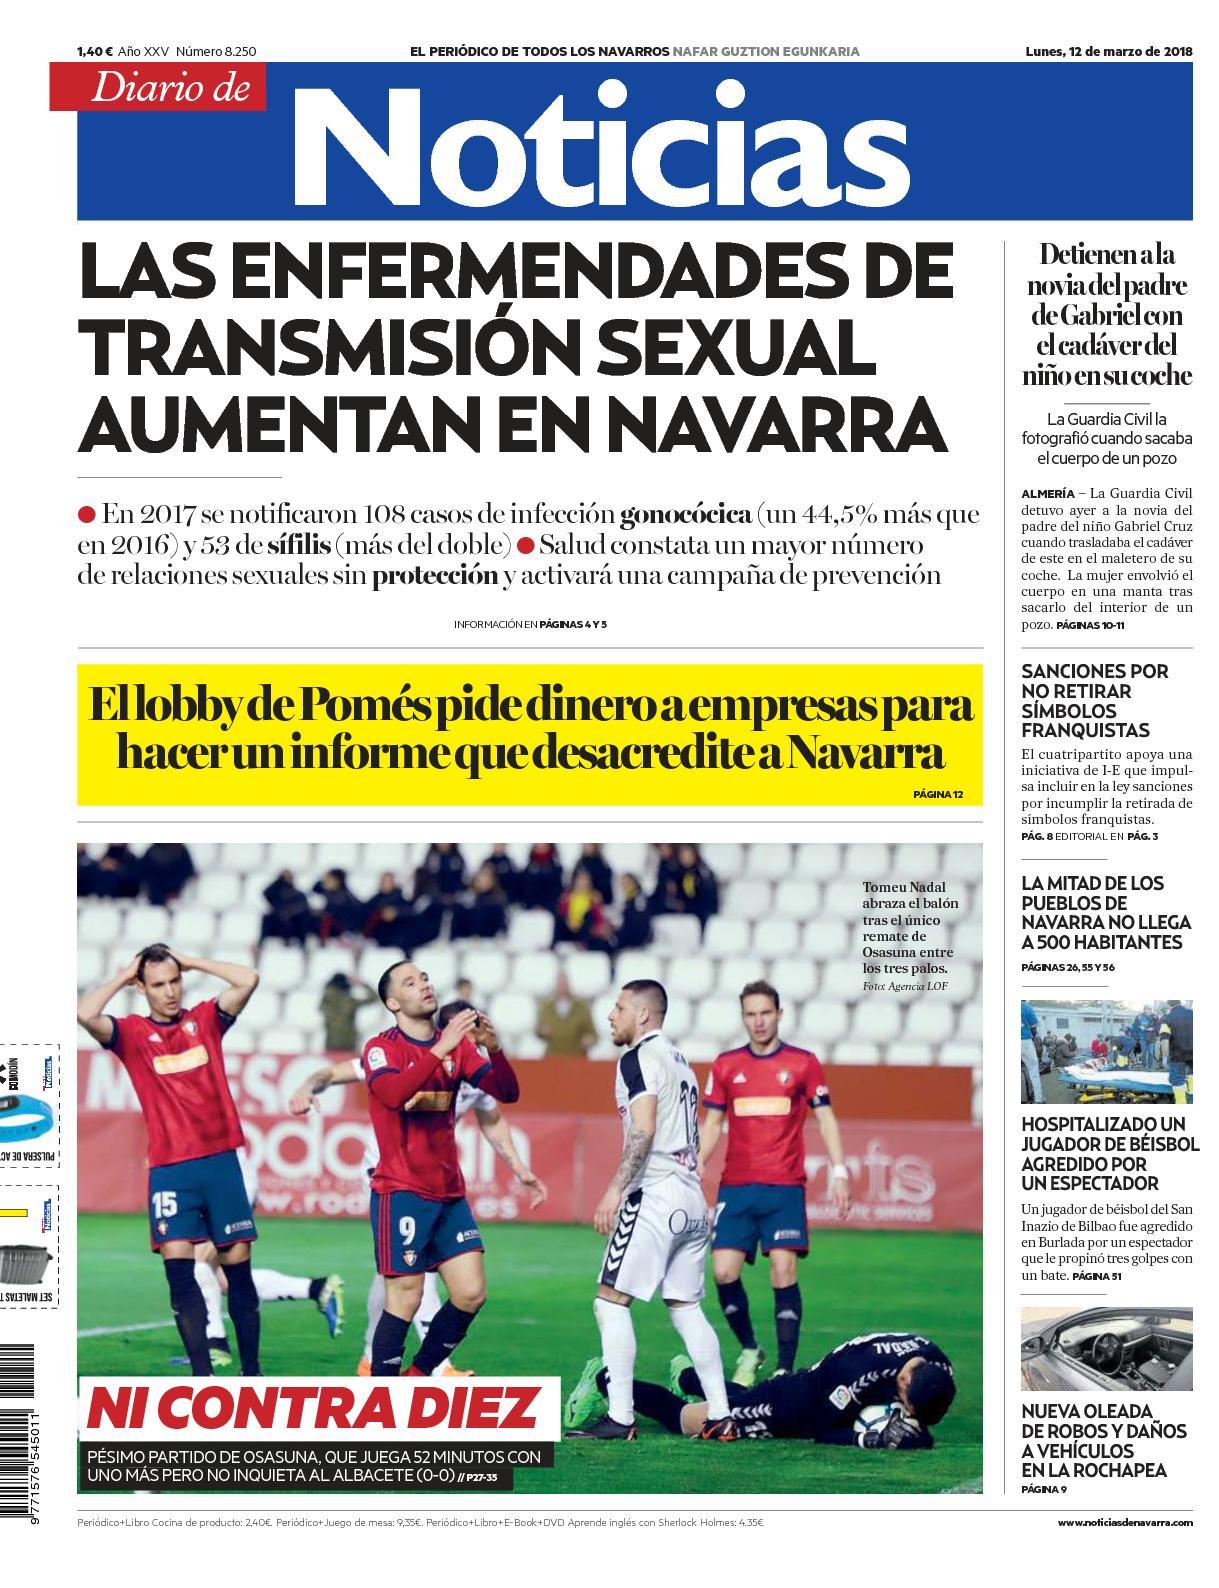 Actriz Porno Nacida En Puerto Sagunto Valencia calaméo - diario de noticias 20180312